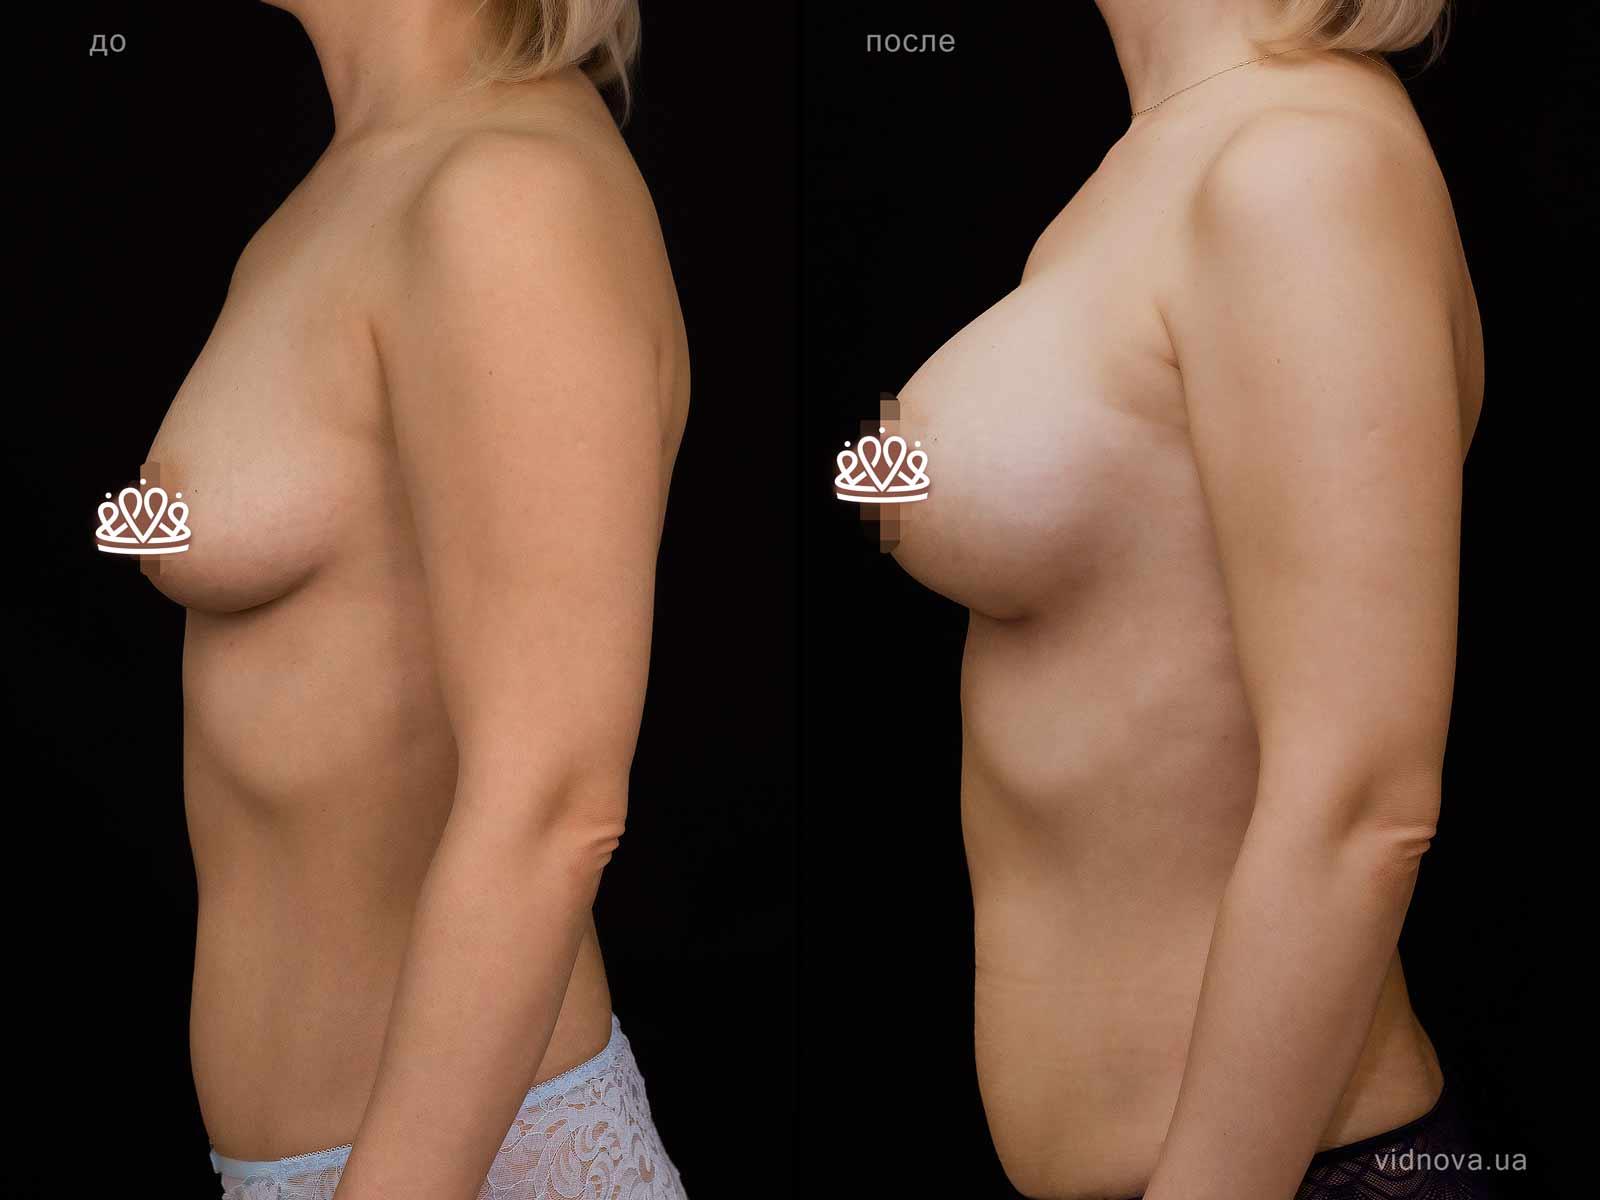 Пластика груди: результаты до и после - Пример №121-2 - Светлана Работенко